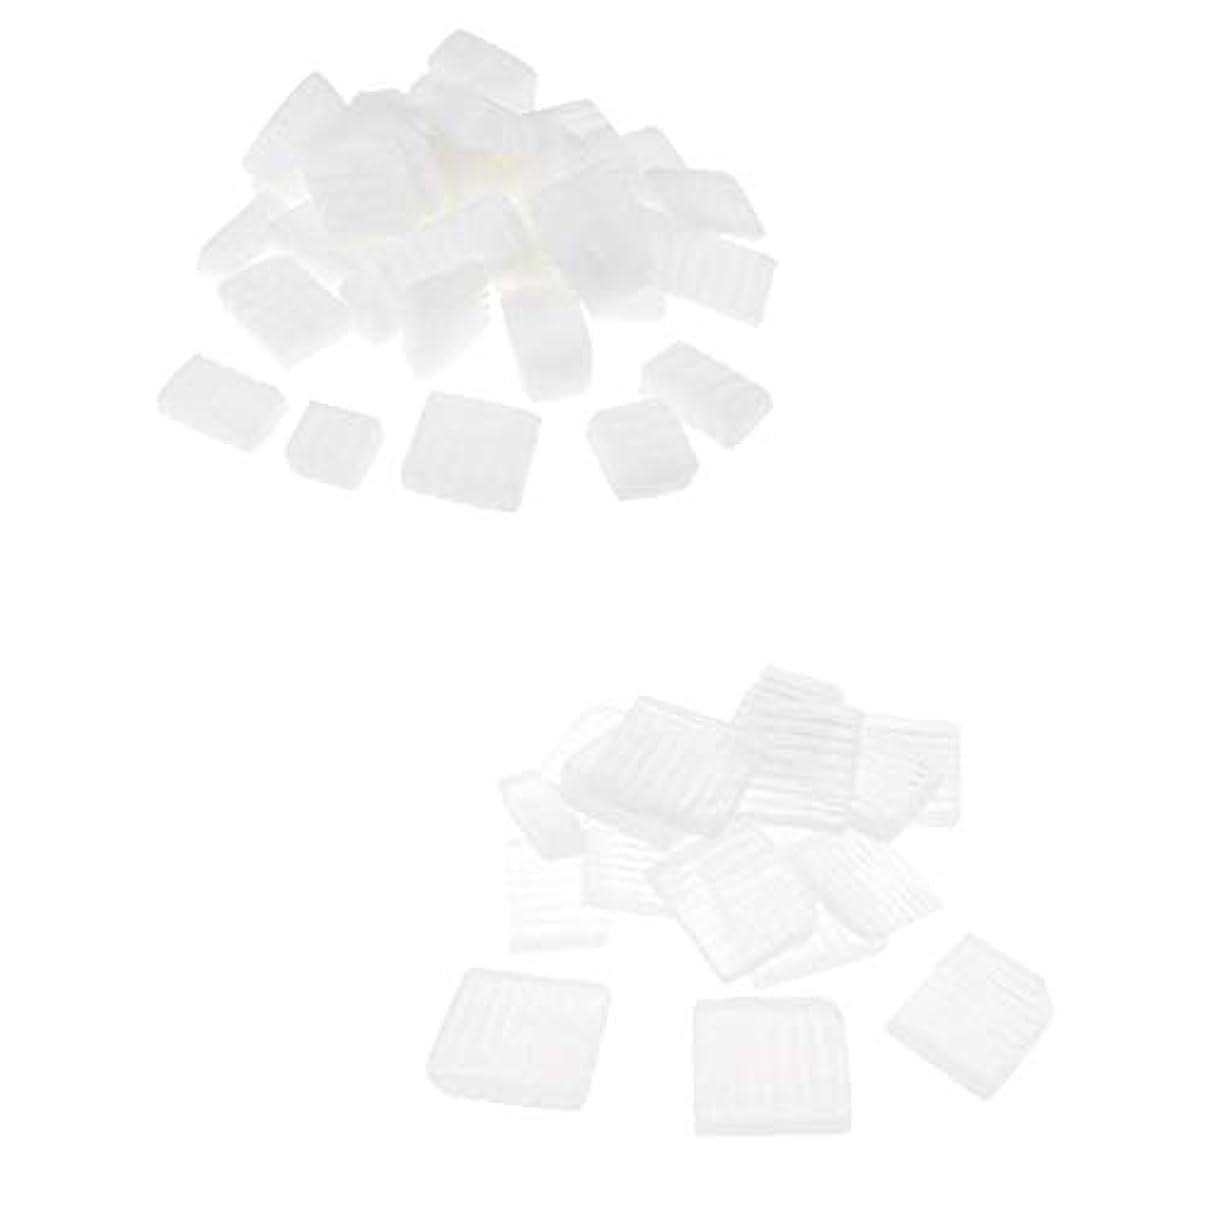 テーブルを設定するコントローラライトニングPerfeclan 固形せっけん ホワイト透明 手芸 バス用品 手作り ハンドメイド 石鹸製造 安全健康 2種混合